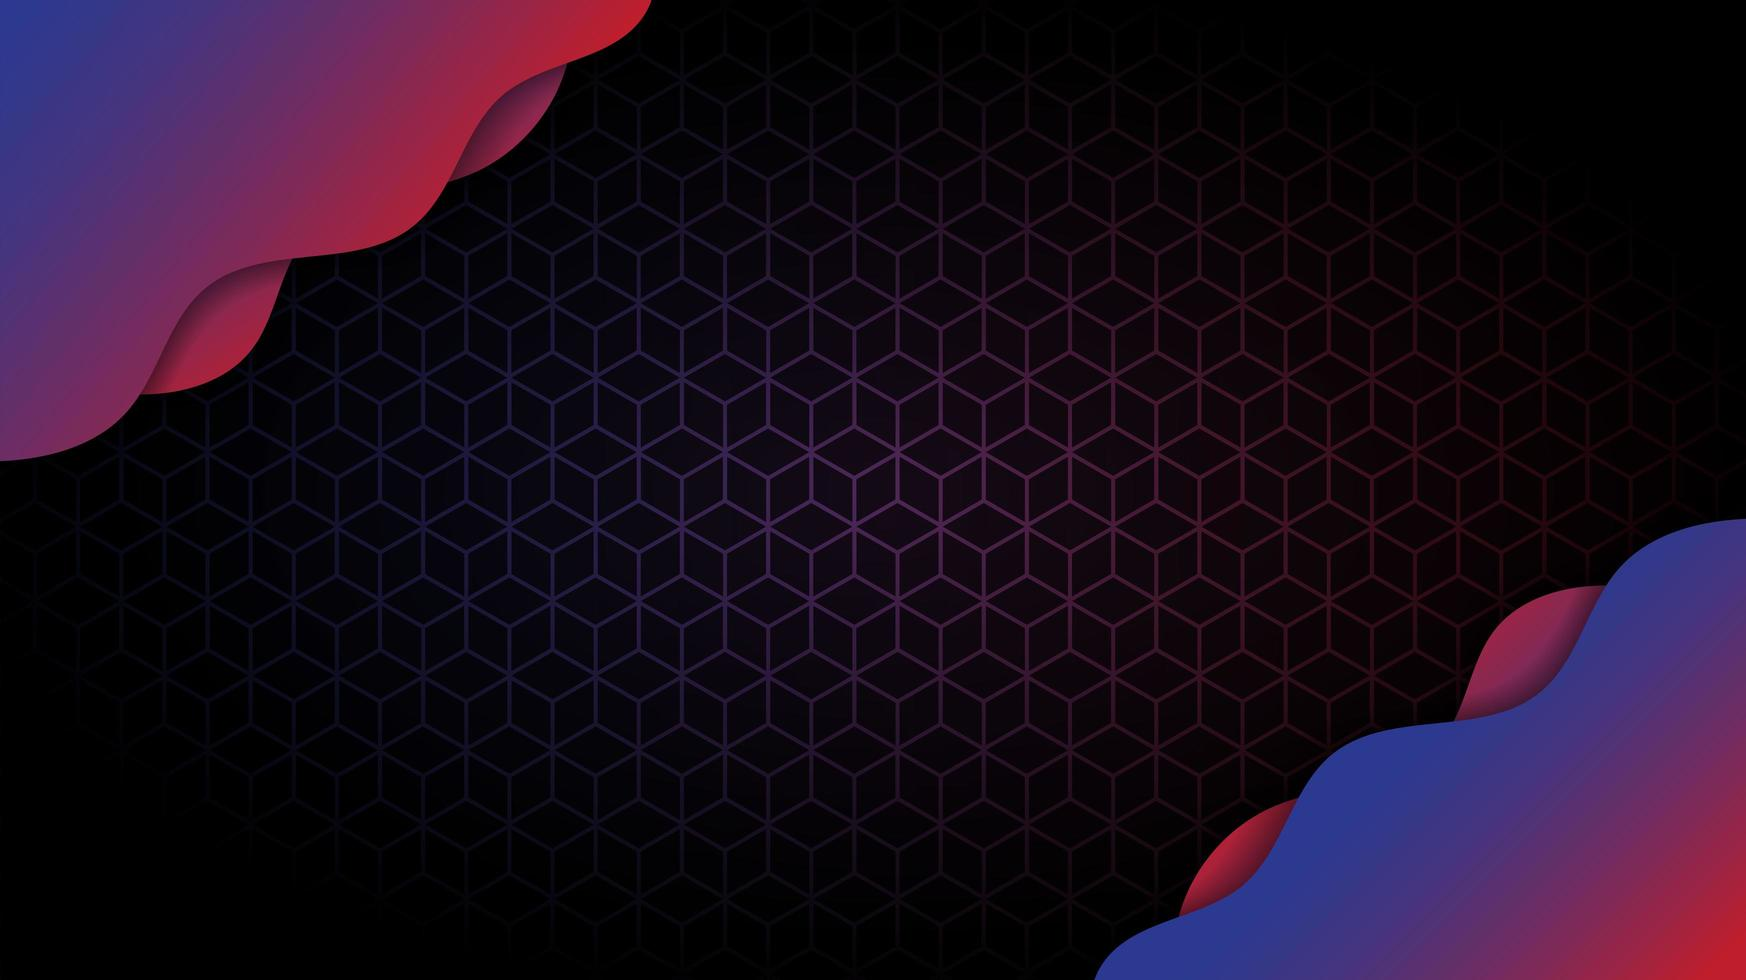 abstrakter Hintergrundgradientenentwurf mit geometrischem vektor